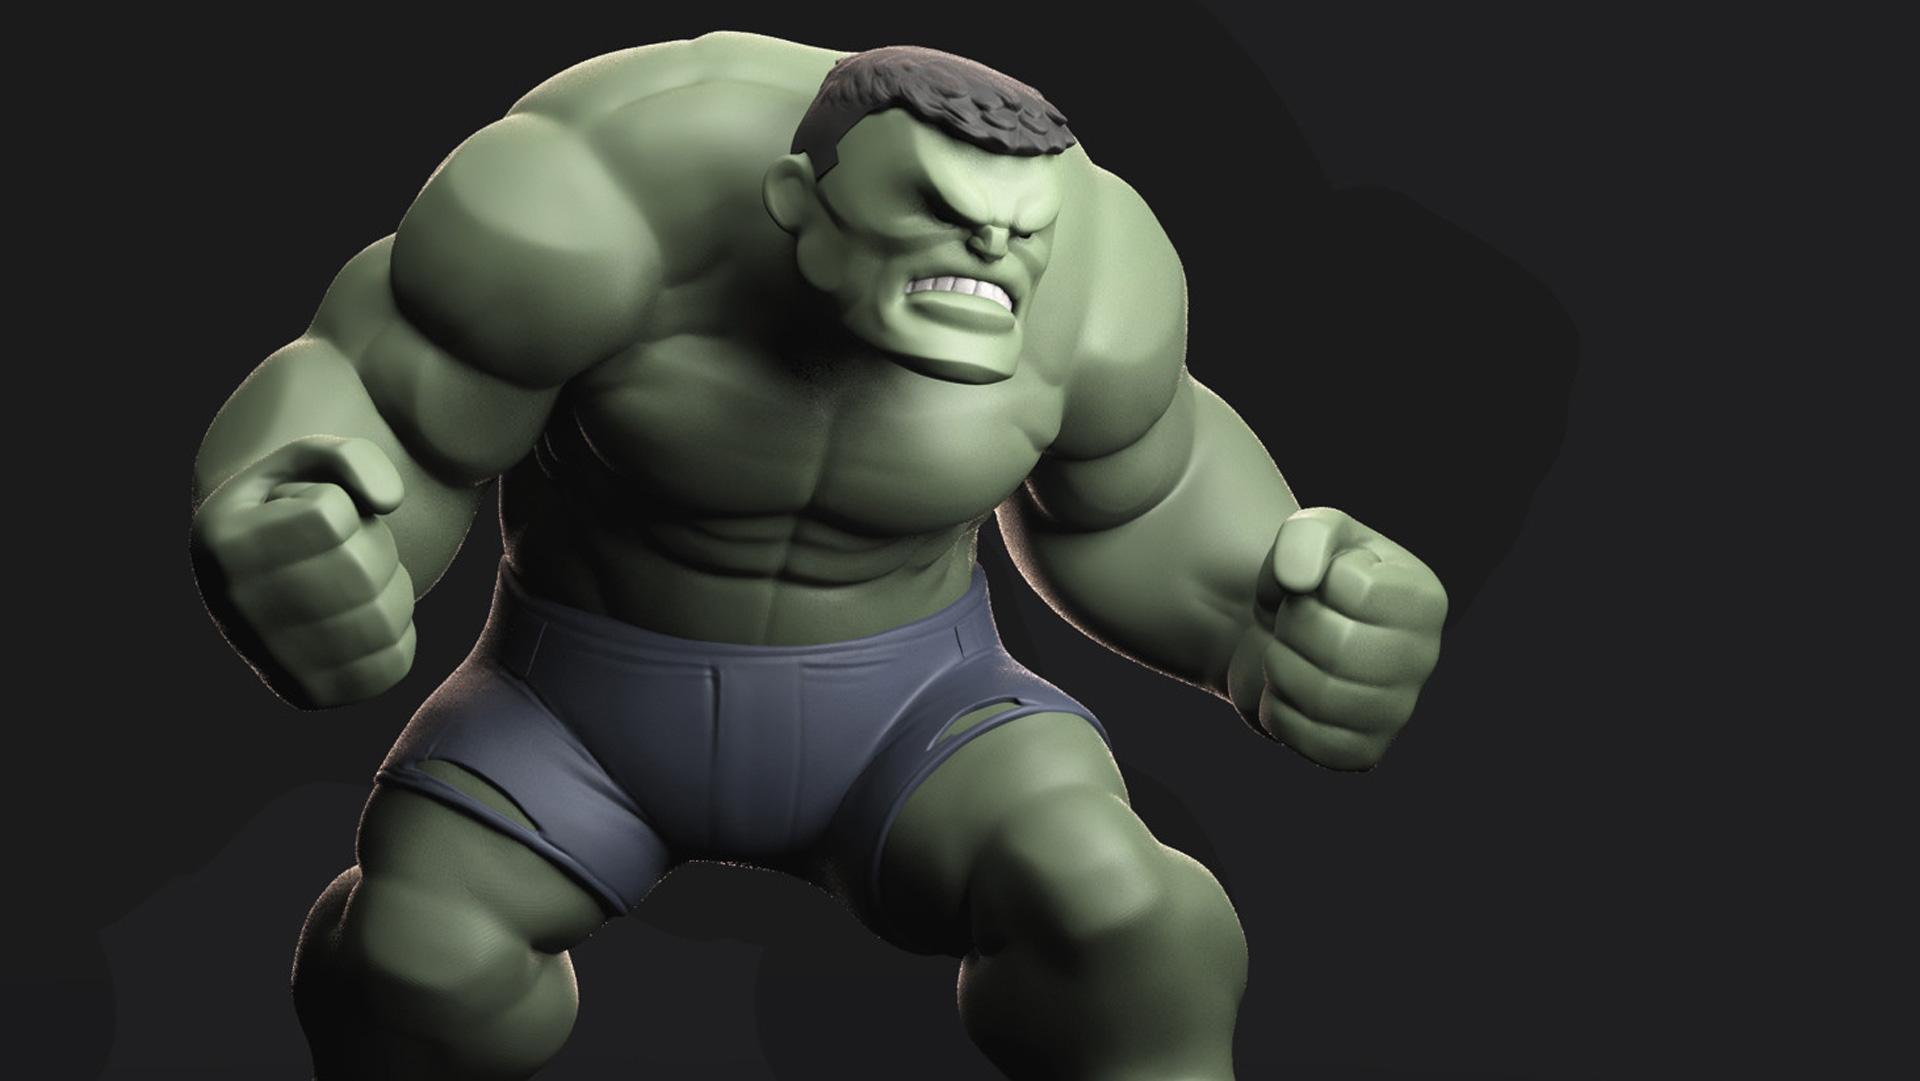 Hulk 3d avengers infinity war hd superheroes 4k - Wallpaper avengers 3d ...